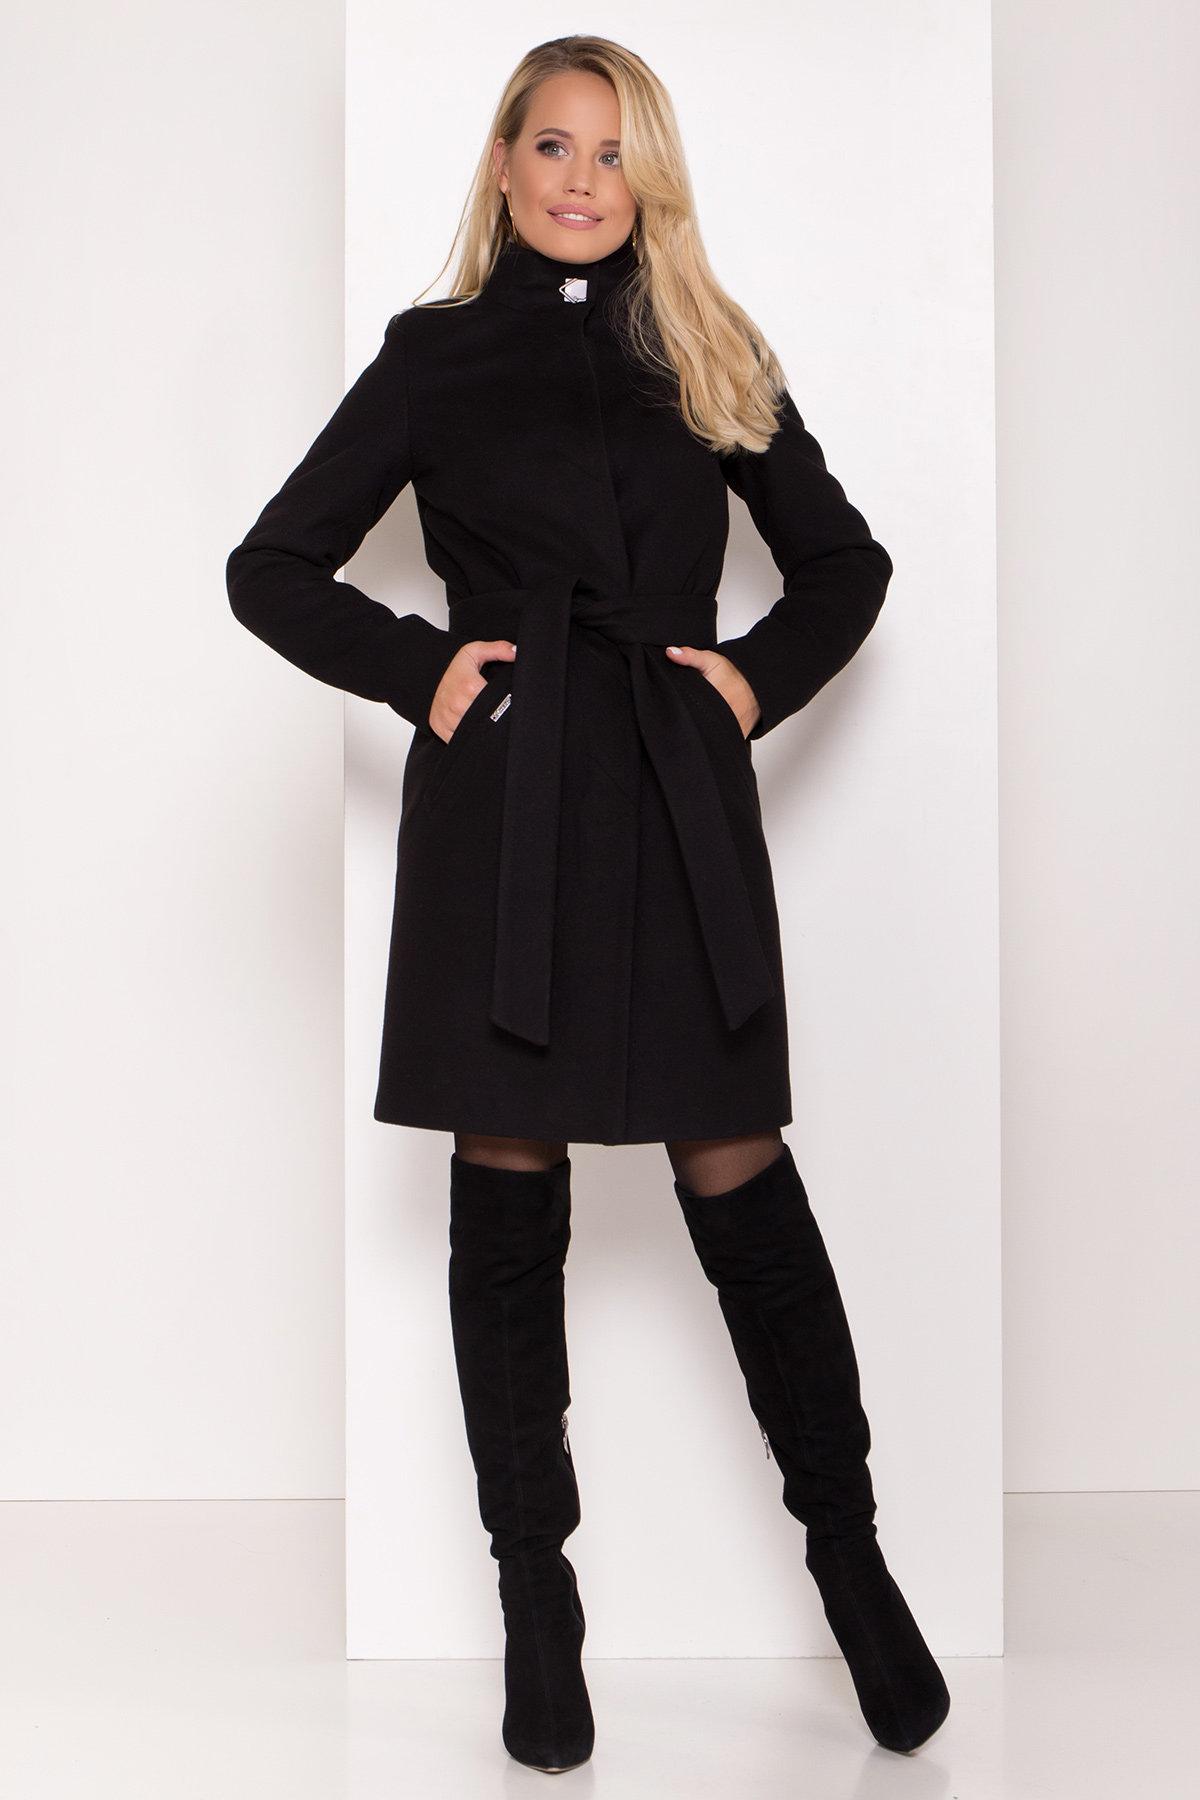 Пальто зима с хомутом Люцея 8211 АРТ. 44225 Цвет: Черный Н-1 - фото 12, интернет магазин tm-modus.ru